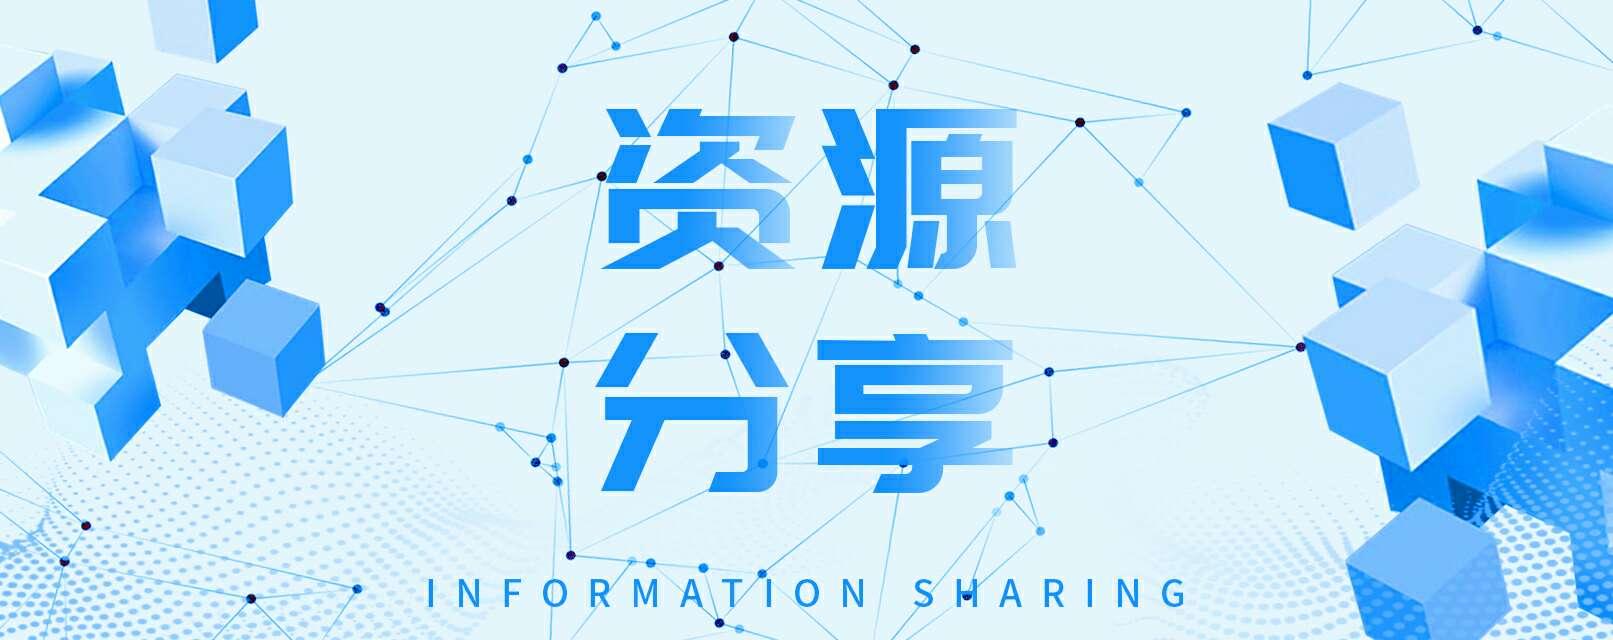 【资源分享】x浏览器(搜索功能齐全)